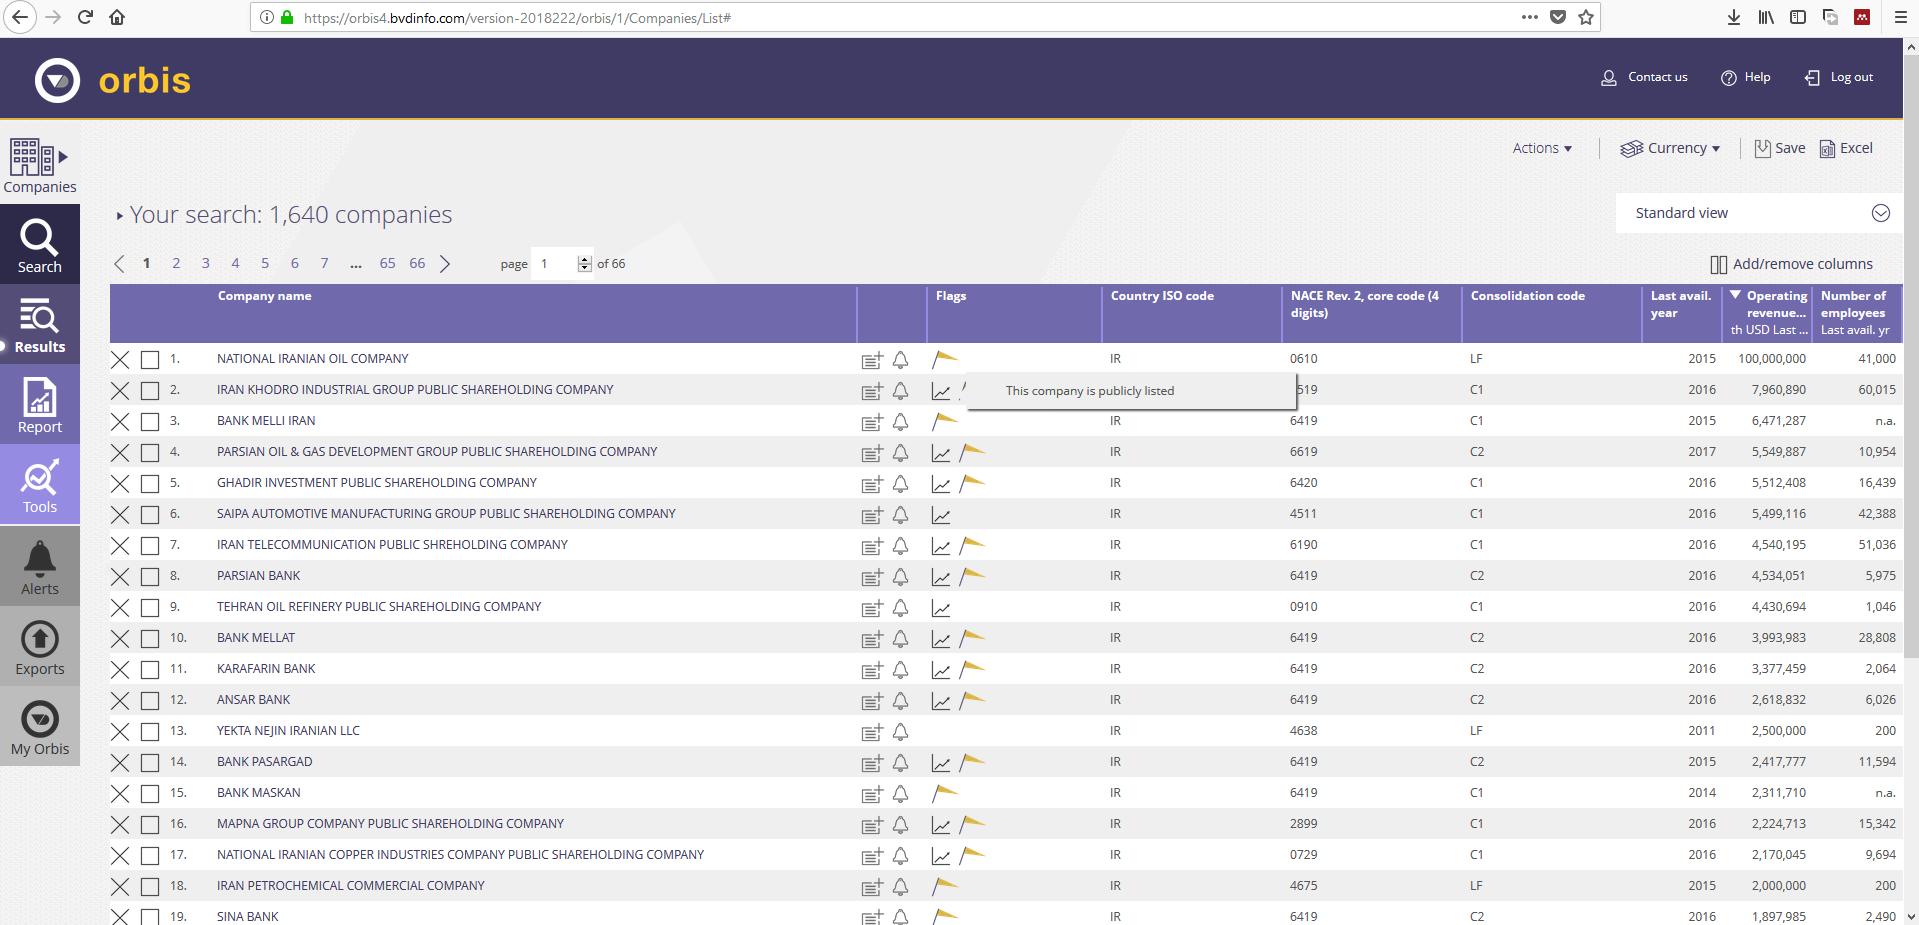 اکانت Orbis | دسترسی به Orbis | پسورد اوربیس | جستجوی Company های ایران در سایت Orbis گیگاپیپر